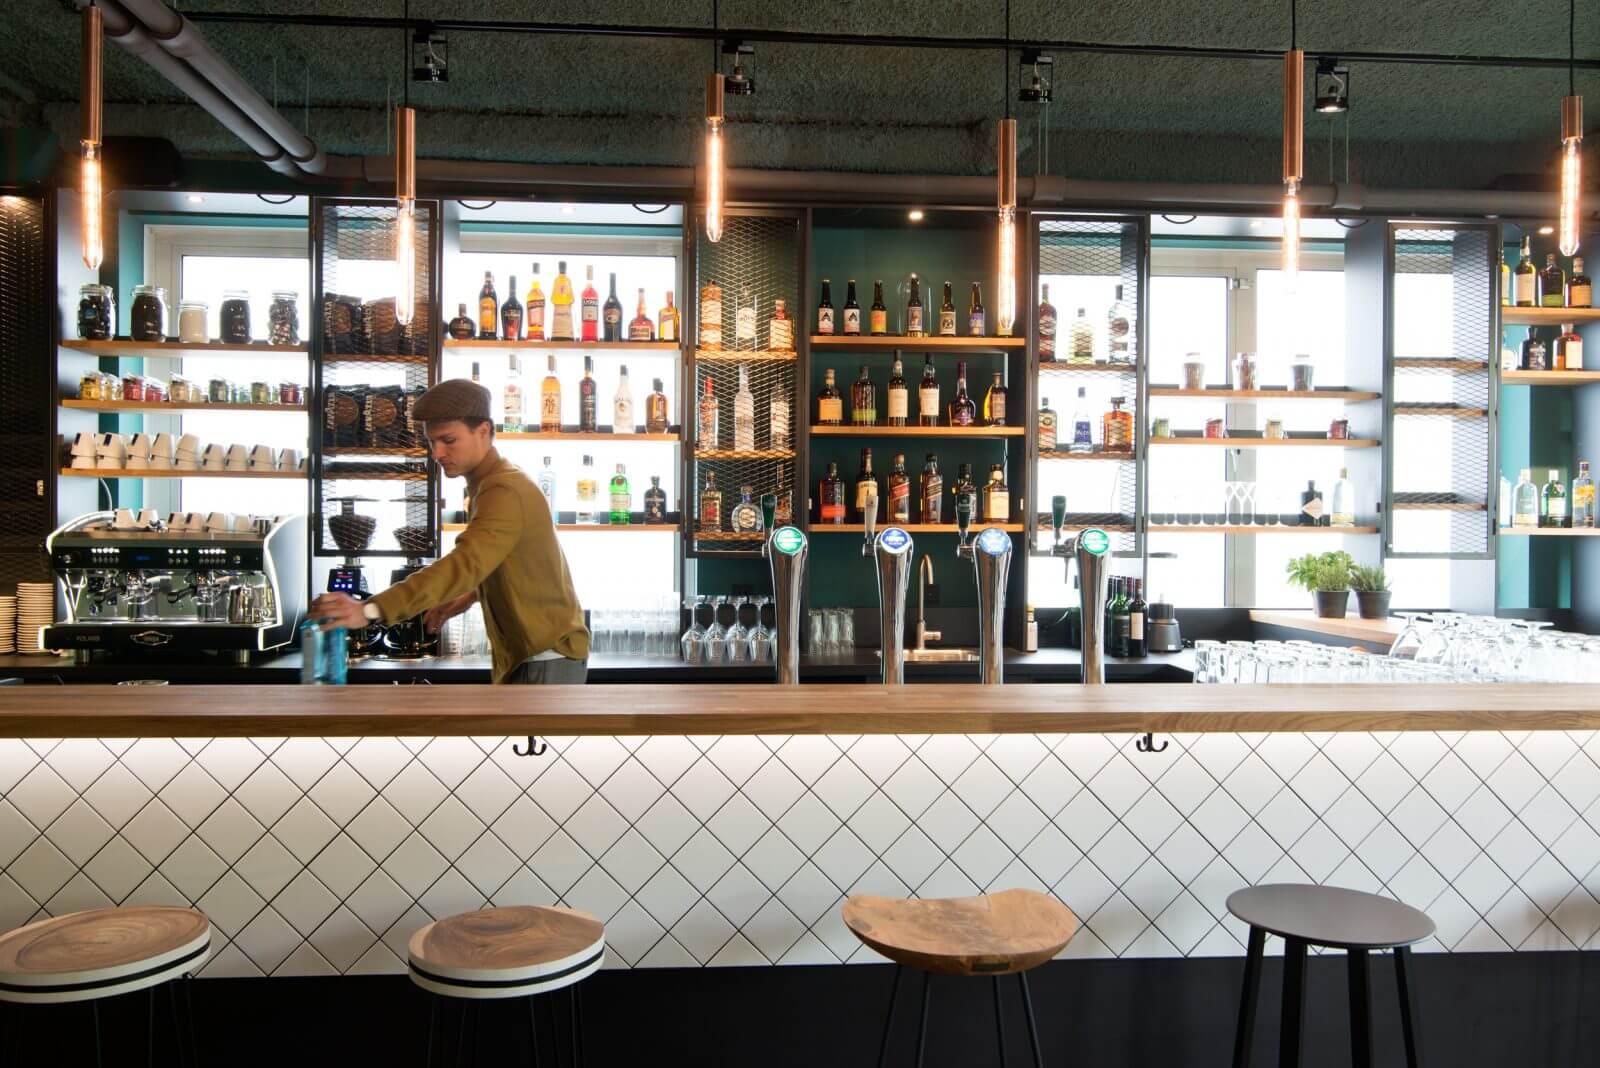 Restaurant interieur door Haklander interieurbouw